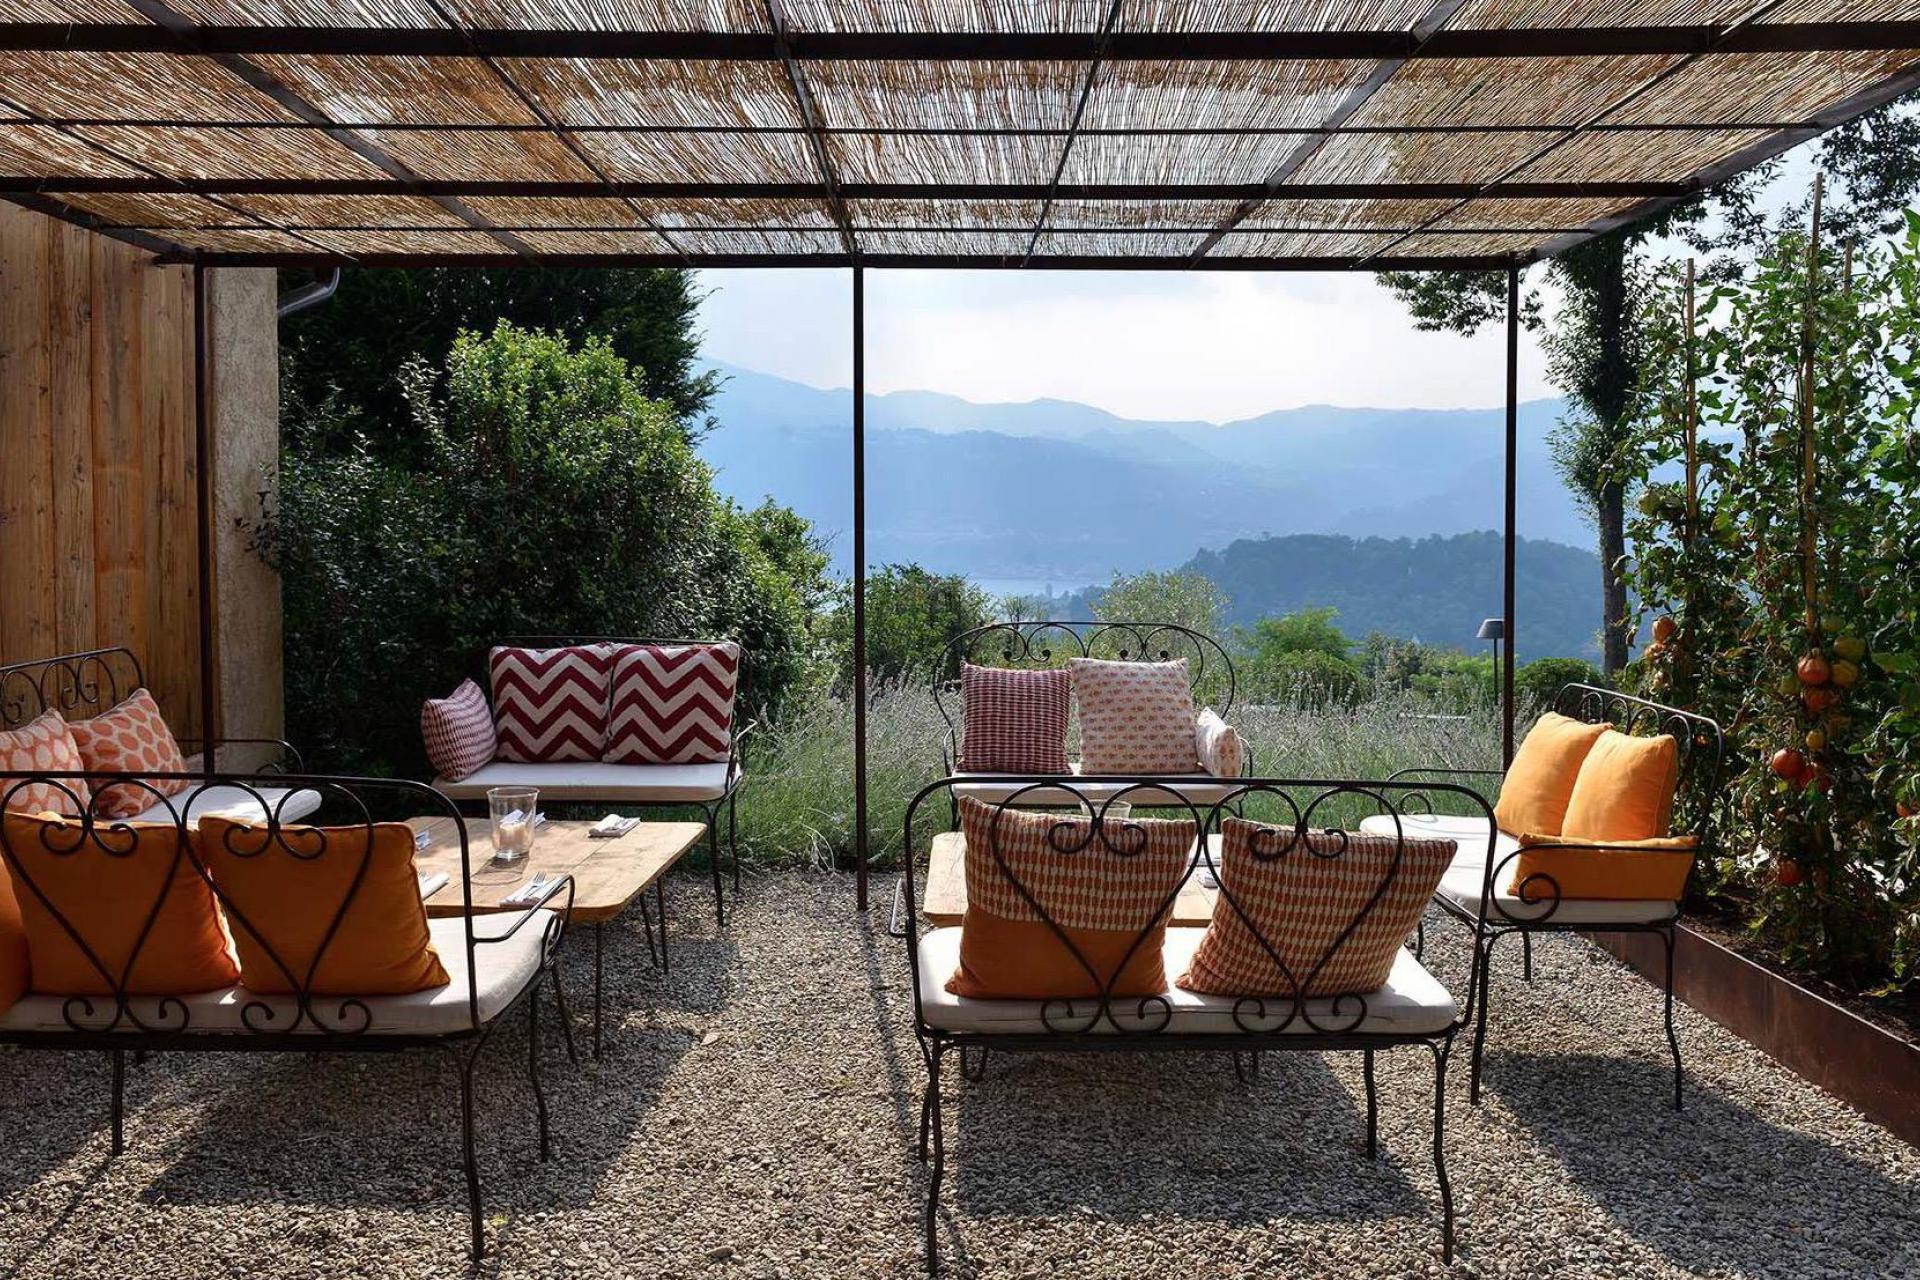 Agriturismo Comer See und Gardasee Agriturismo Lago Maggiore, mit sehr schönem Blick